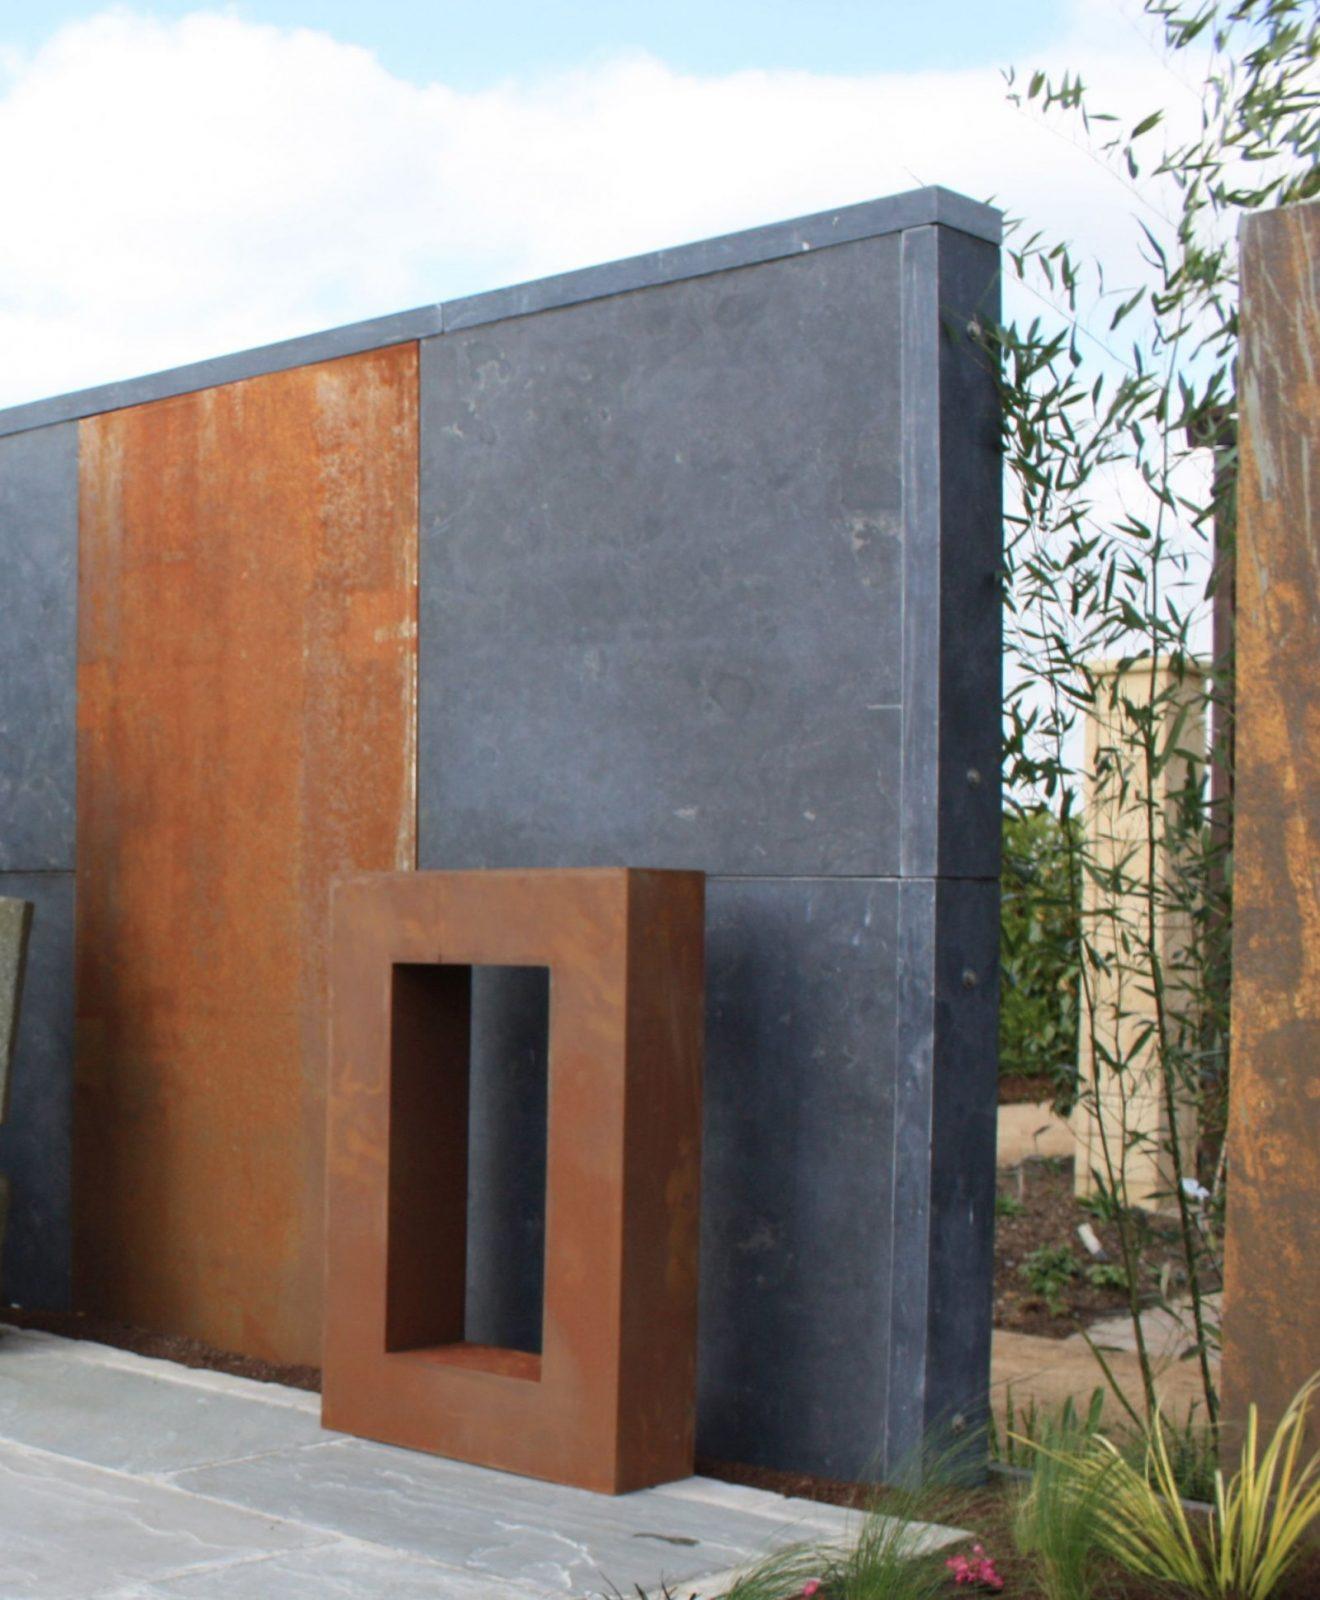 Garten Im Quadrat  Moderner Sichtschutz Und Spaliere von Moderner Sichtschutz Im Garten Photo